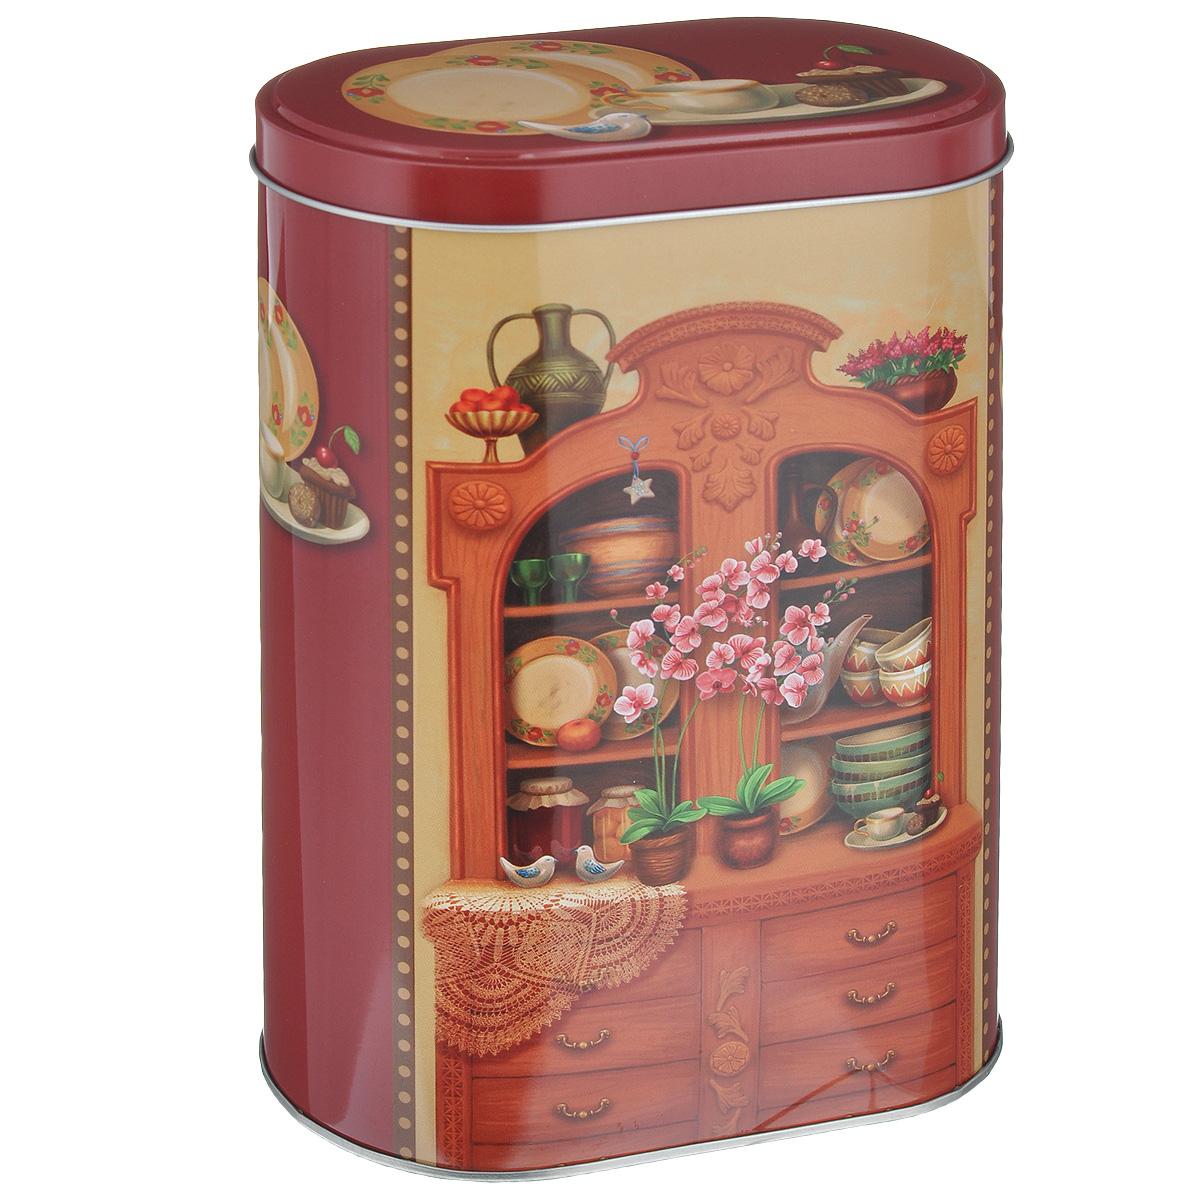 Банка для сыпучих продуктов Феникс-презент Бабушкин сервант, 1,7 лFA-5125 WhiteБанка для сыпучих продуктов Феникс-презент Бабушкин сервант, изготовленная из окрашенного черного металла, оформлена ярким рисунком. Банка прекрасно подойдет для хранения различных сыпучих продуктов: специй, чая, кофе, сахара, круп и многого другого. Емкость плотно закрывается крышкой. Благодаря этому она будет дольше сохранять свежесть ваших продуктов.Функциональная и вместительная, такая банка станет незаменимым аксессуаром на любой кухне. Нельзя мыть в посудомоечной машине.Объем банки: 1,7 л.Высота банки (без учета крышки): 18,5 см. Размер банки (по верхнему краю): 13,5 см х 7,5 см.